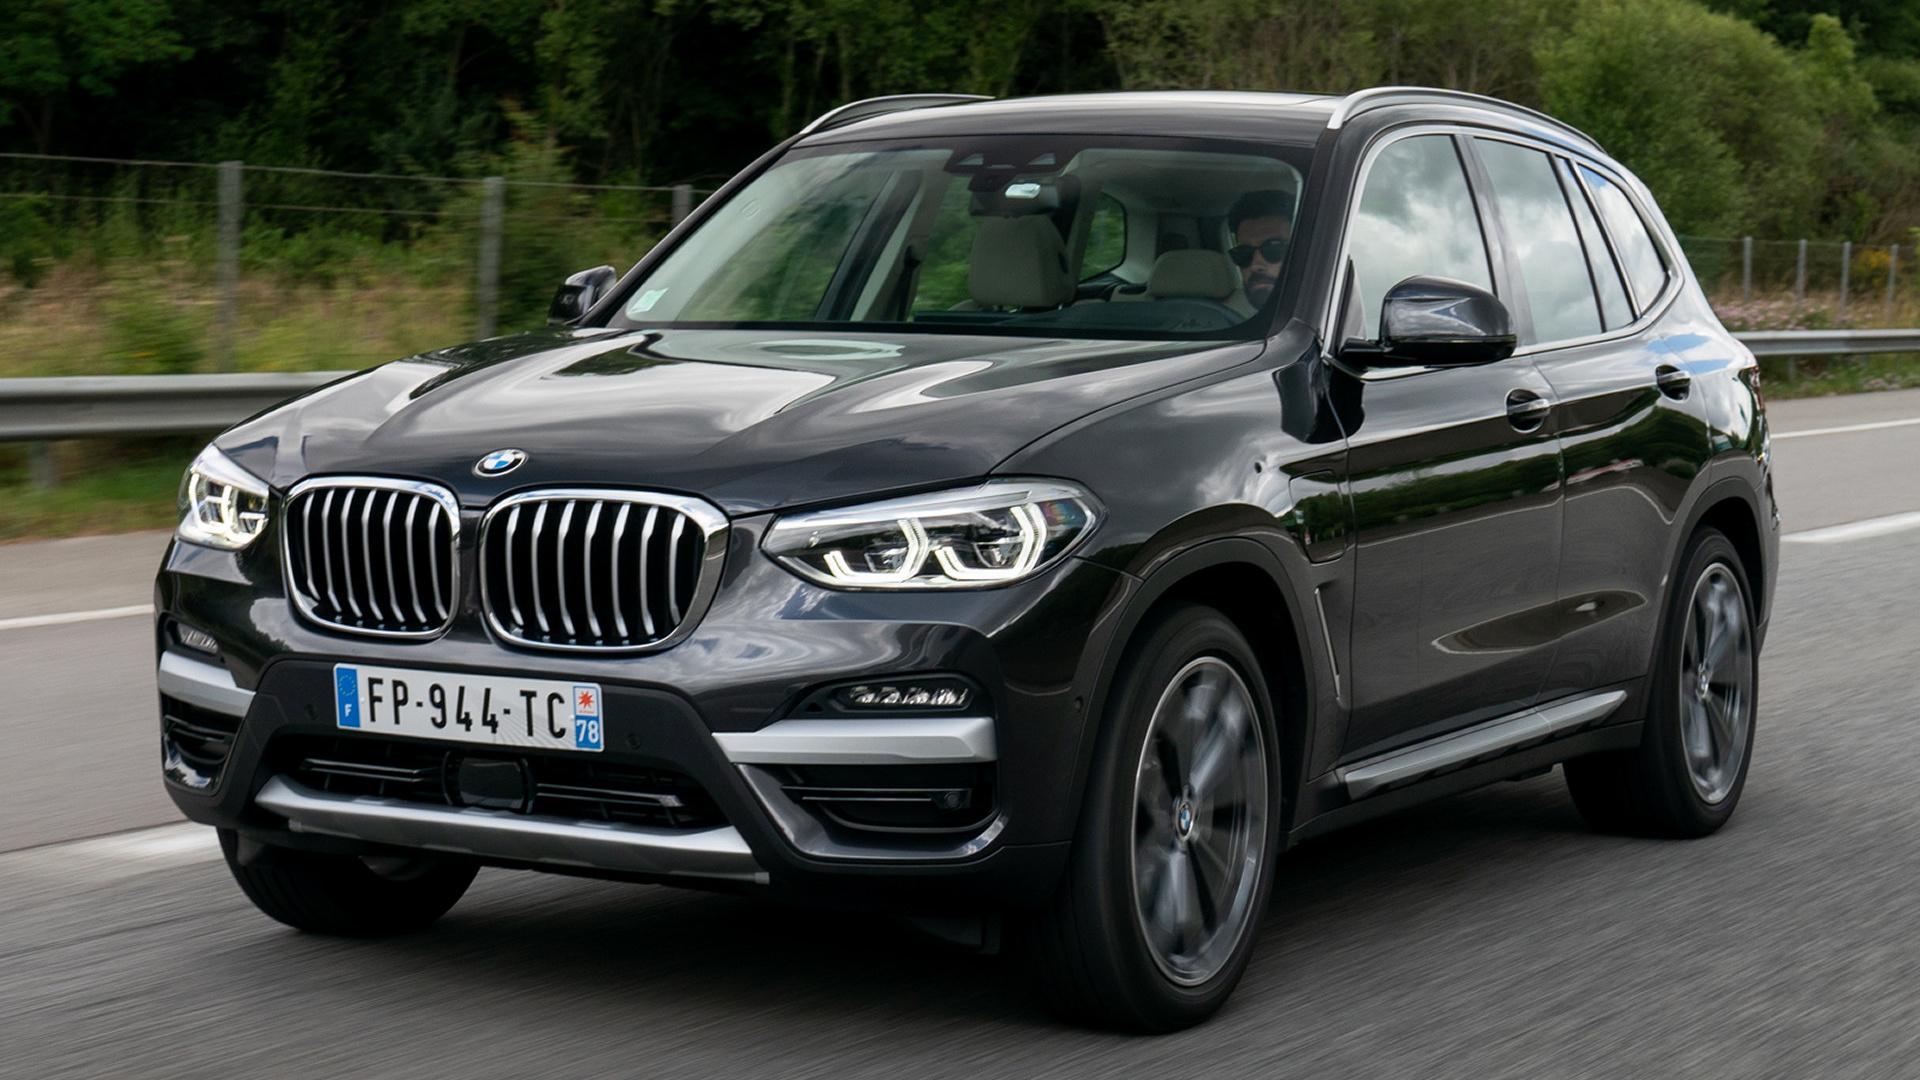 2019 BMW X3 Plug-In Hybrid - Baggrundsbilleder og ...